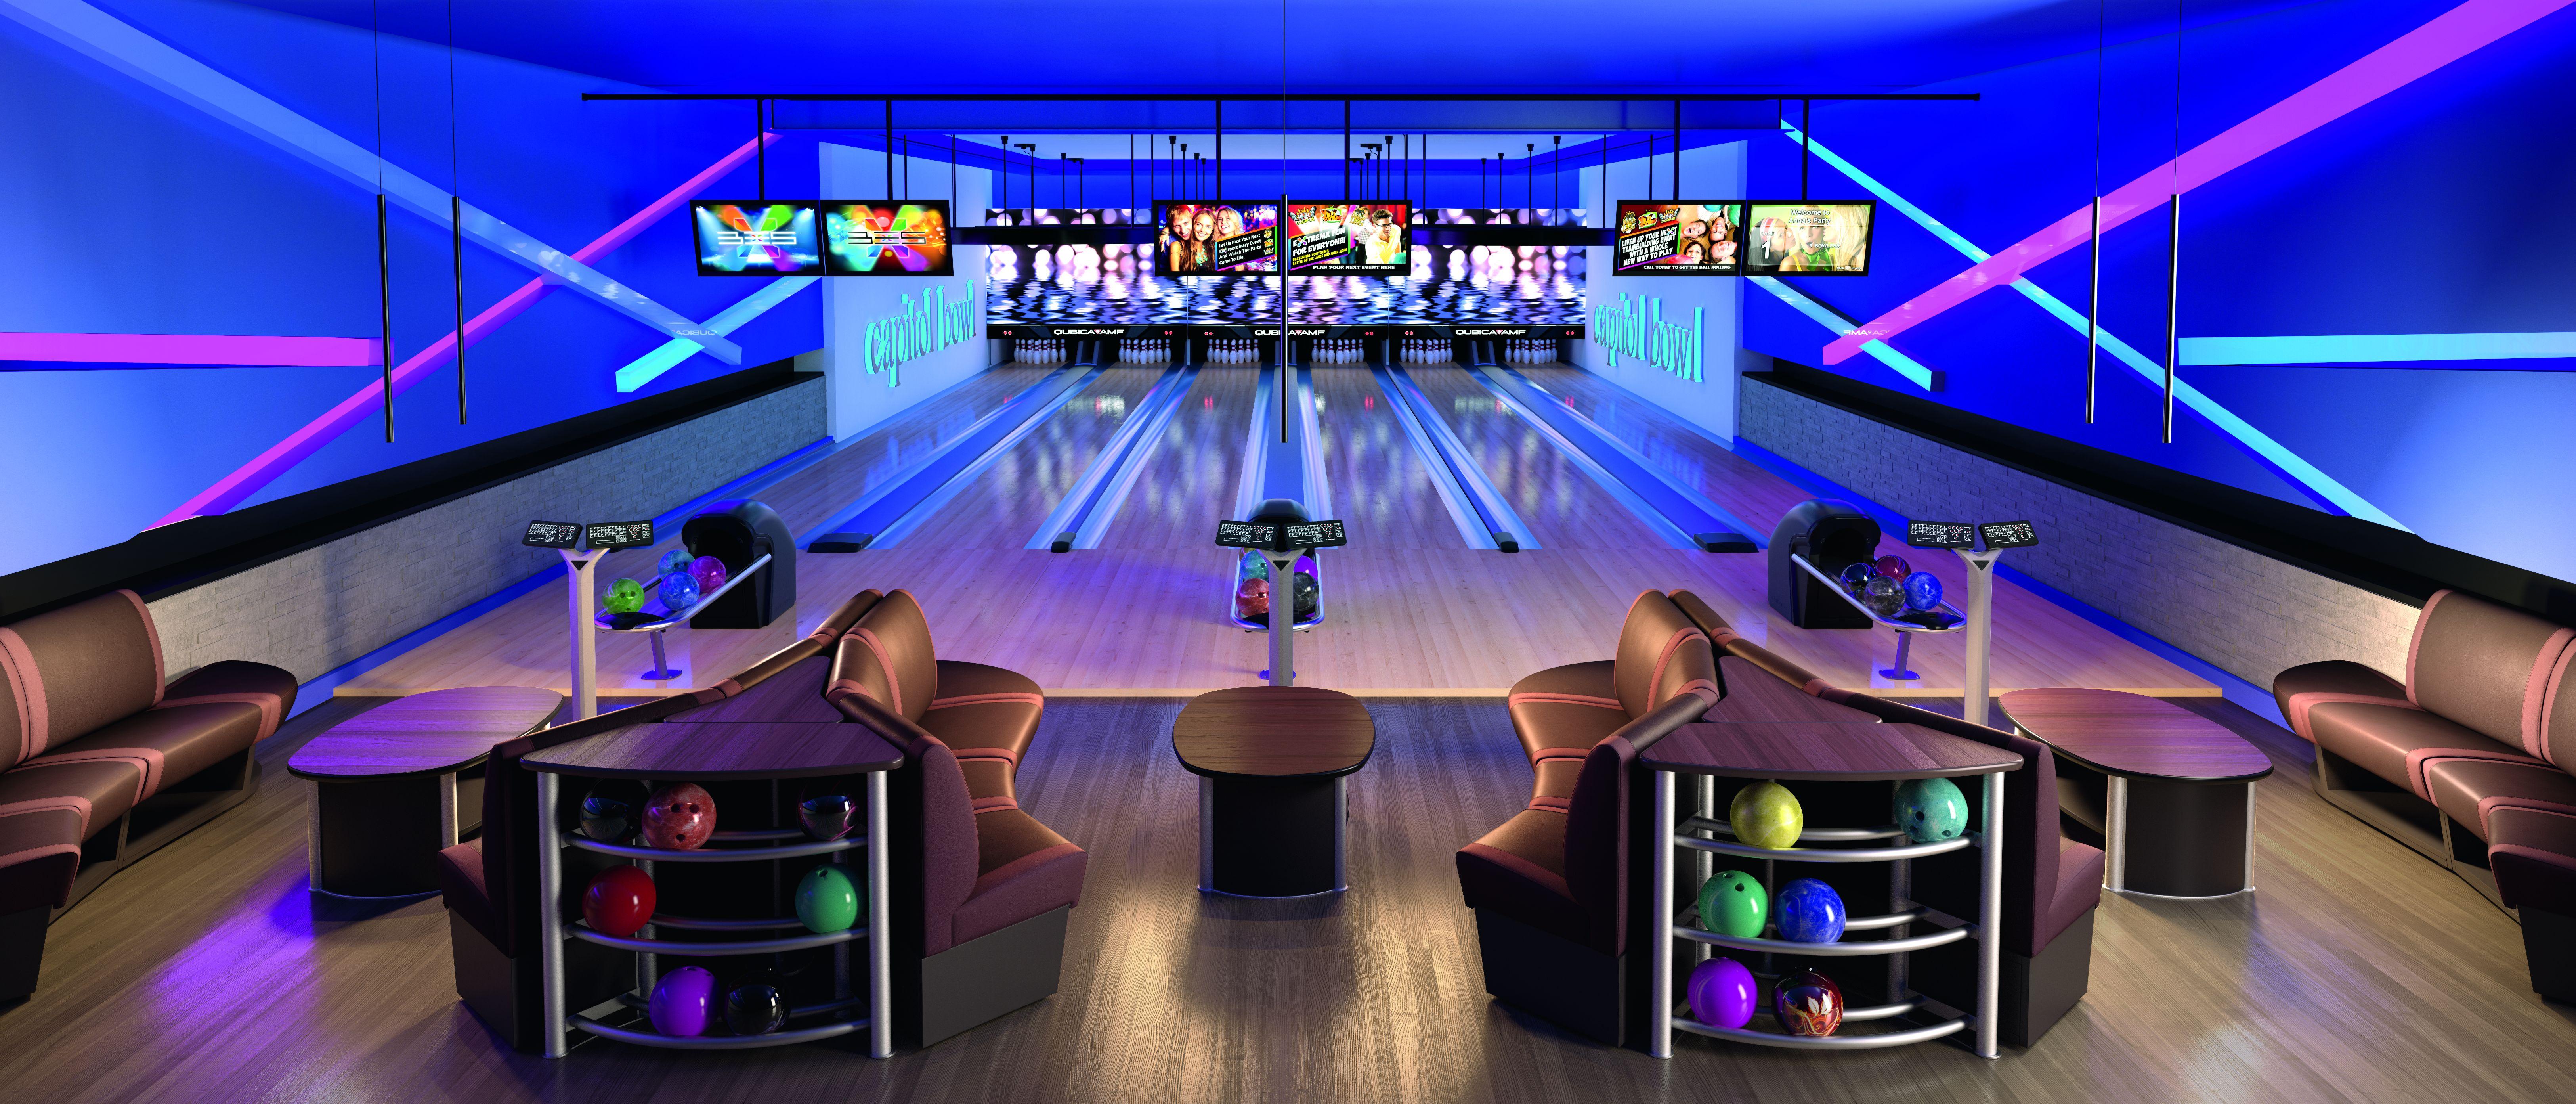 Comment Faire Pour Ouvrir Un Bowling un bowling pour la martinique - okpal